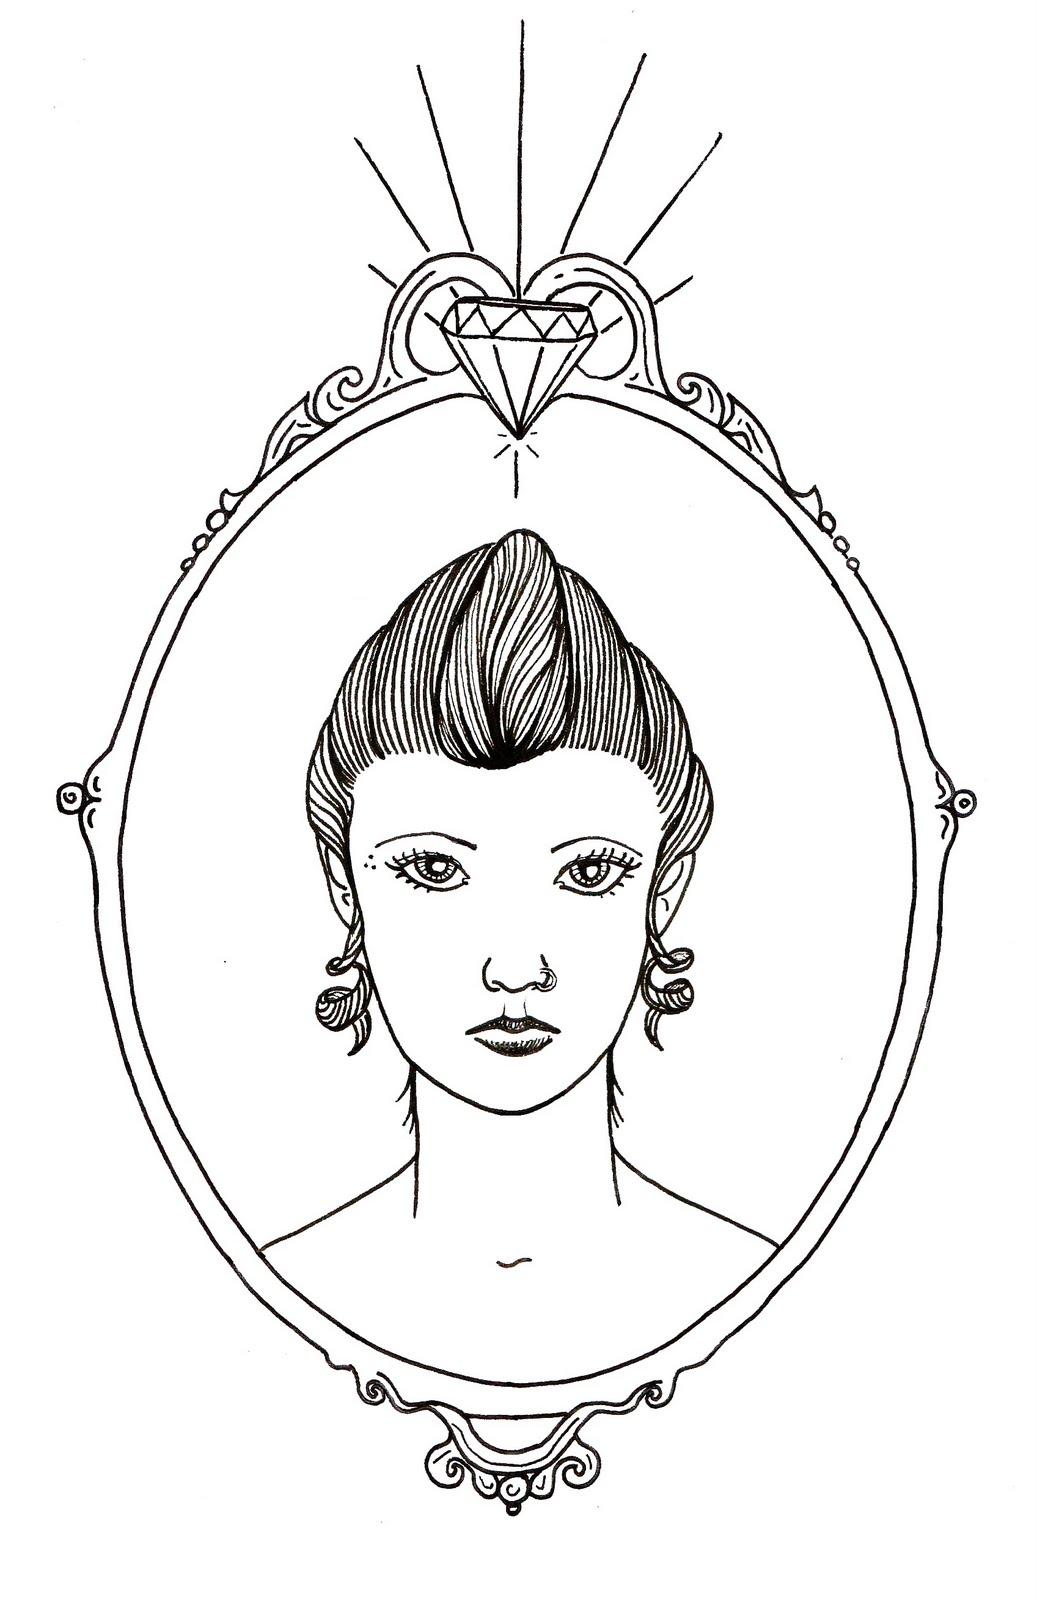 La fille au miroir for Fille au miroir